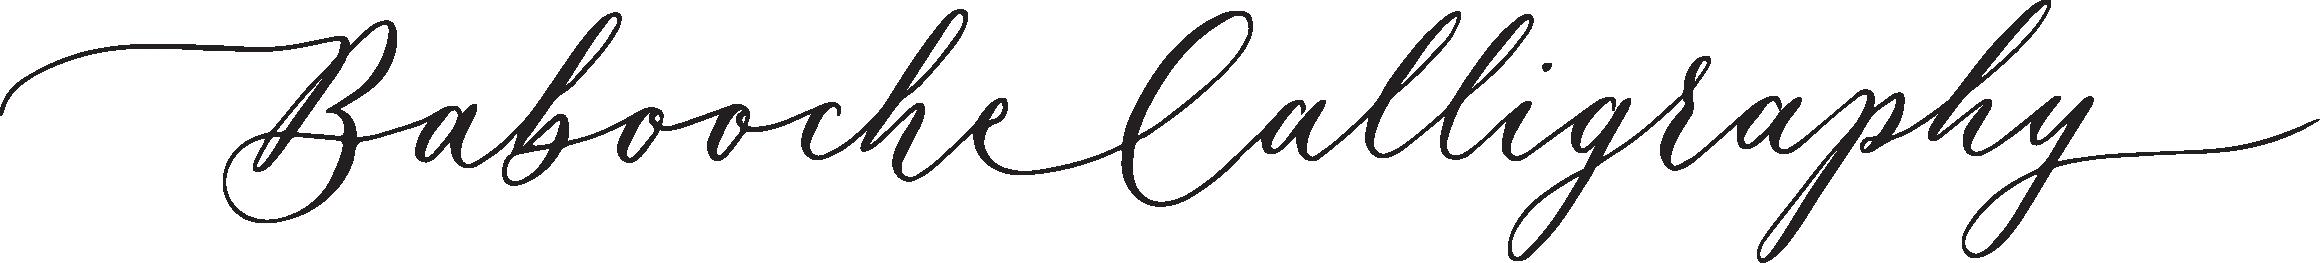 Babooche Calligraphy